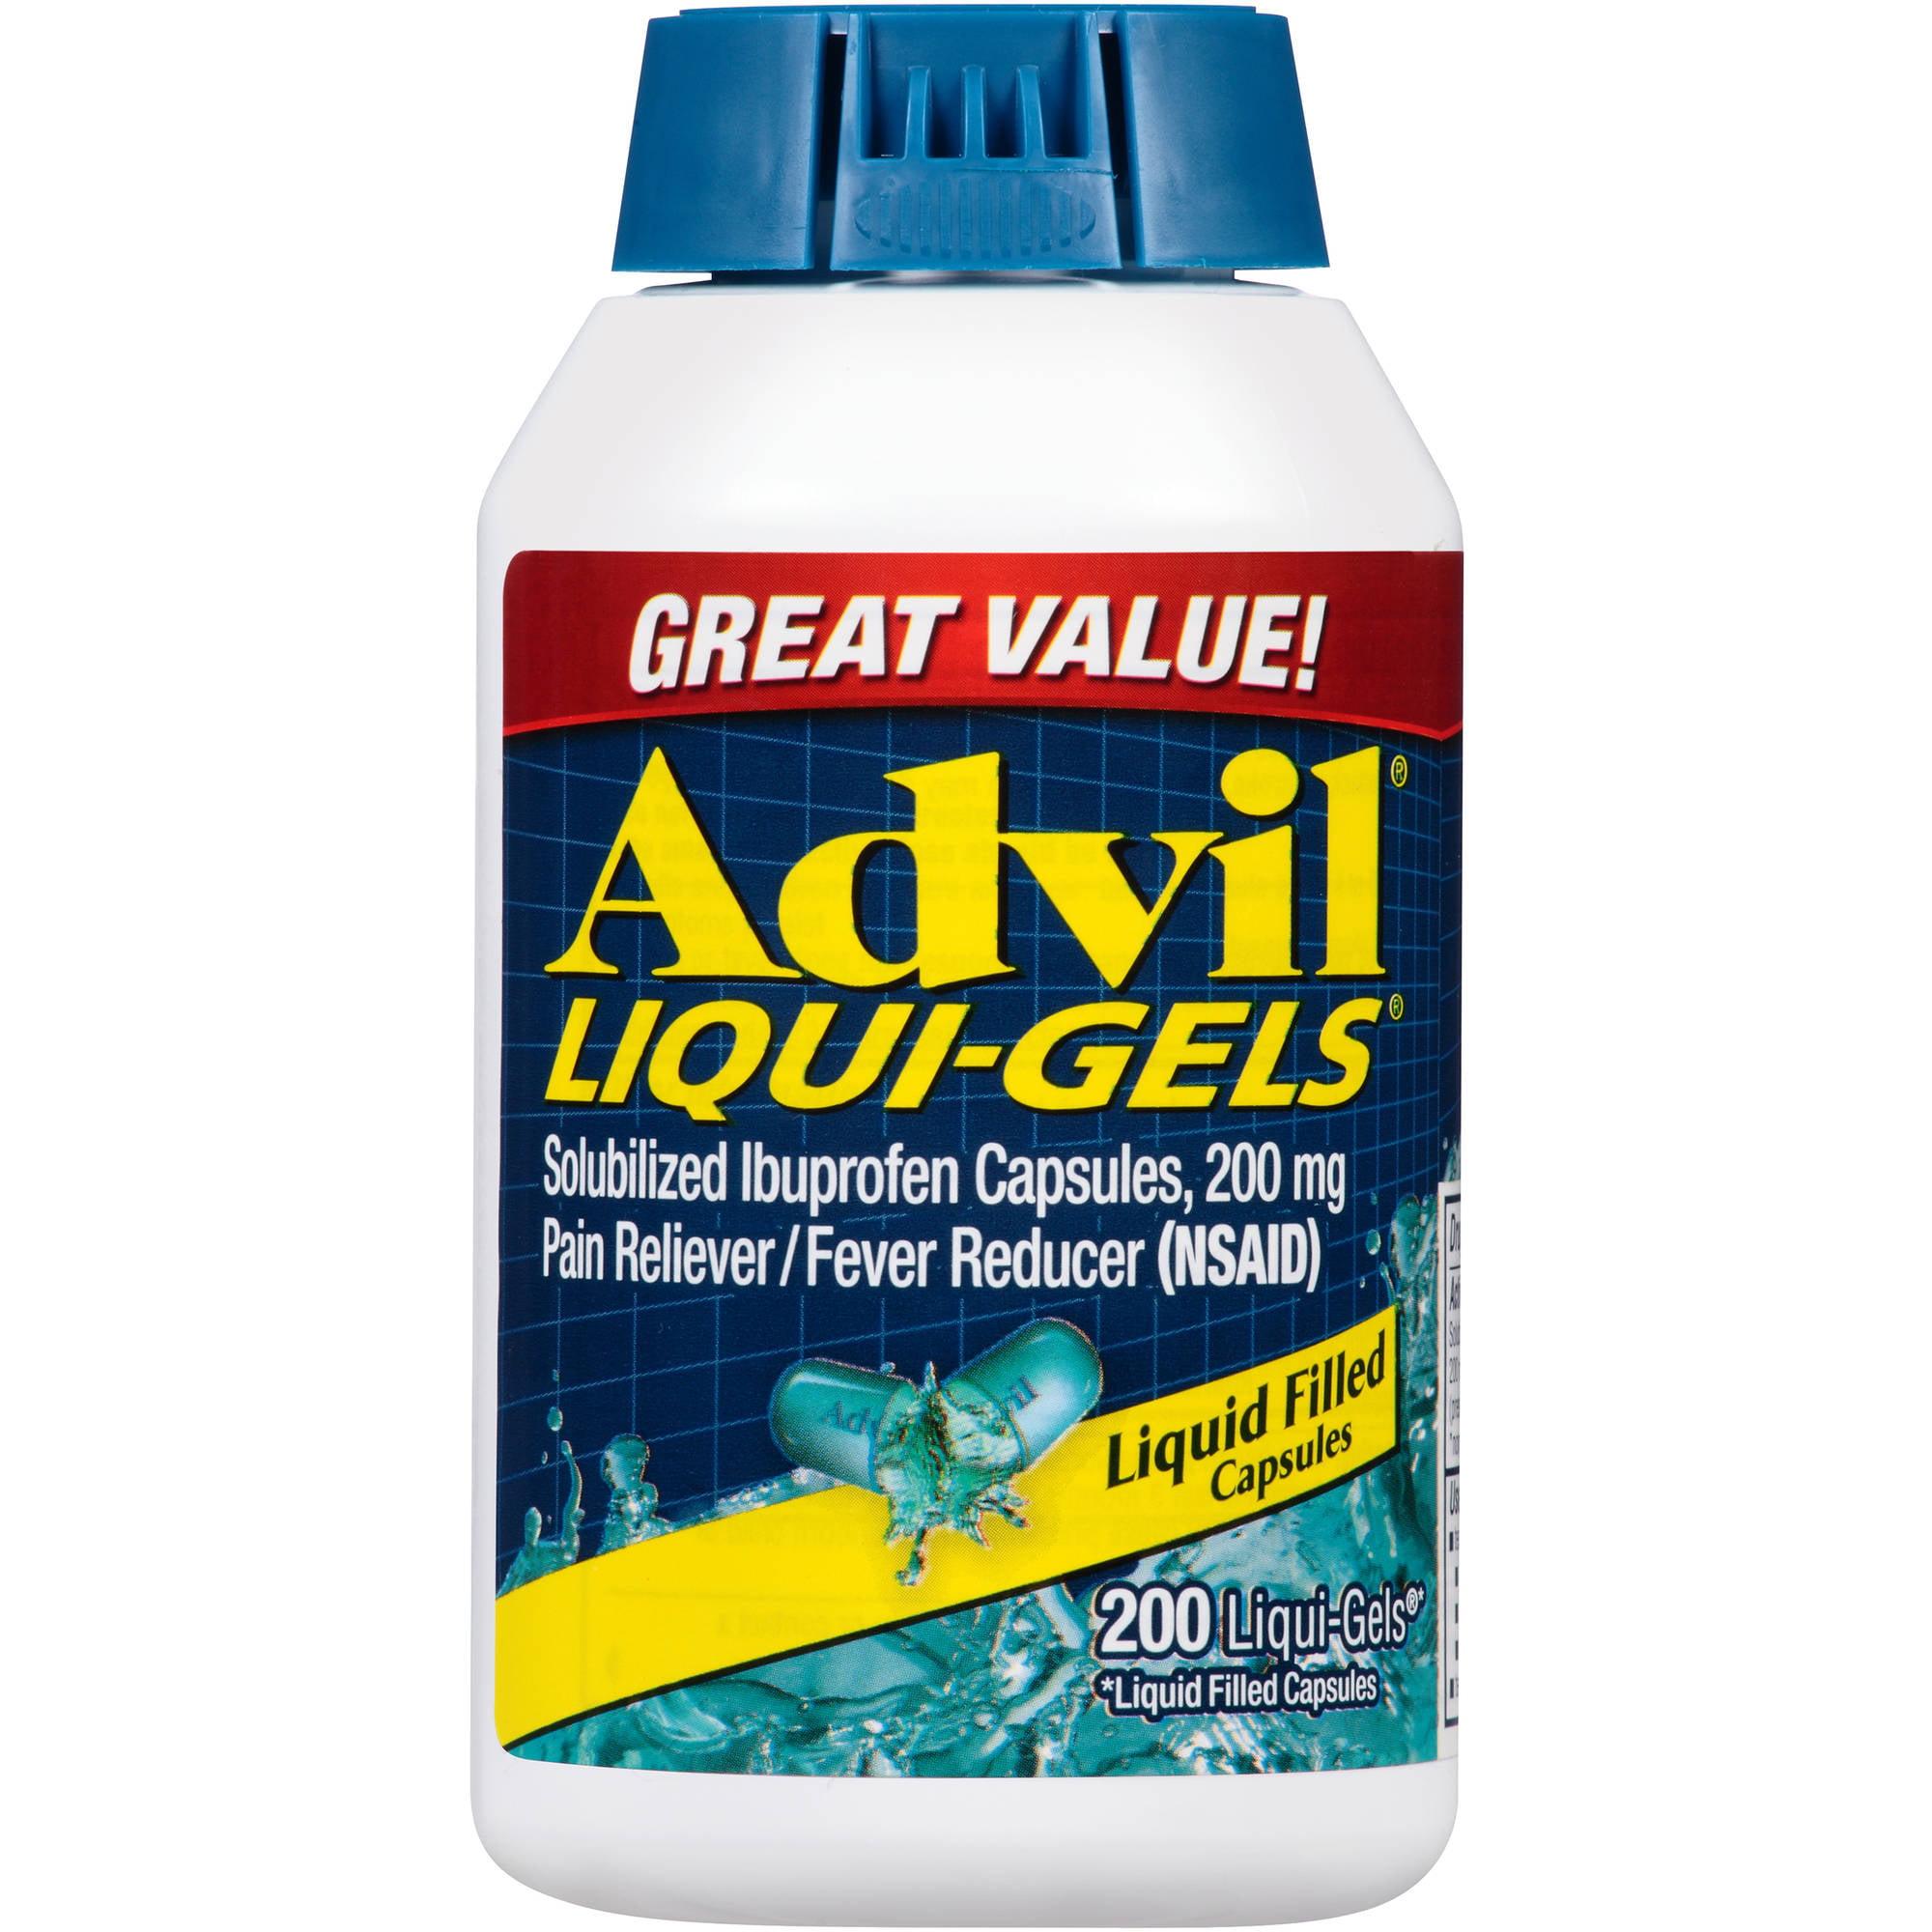 Advil Liqui-Gels Pain Reliever / Fever Reducer (Ibuprofen), 200 mg, 200 Liquid Filled Capsules 200 count